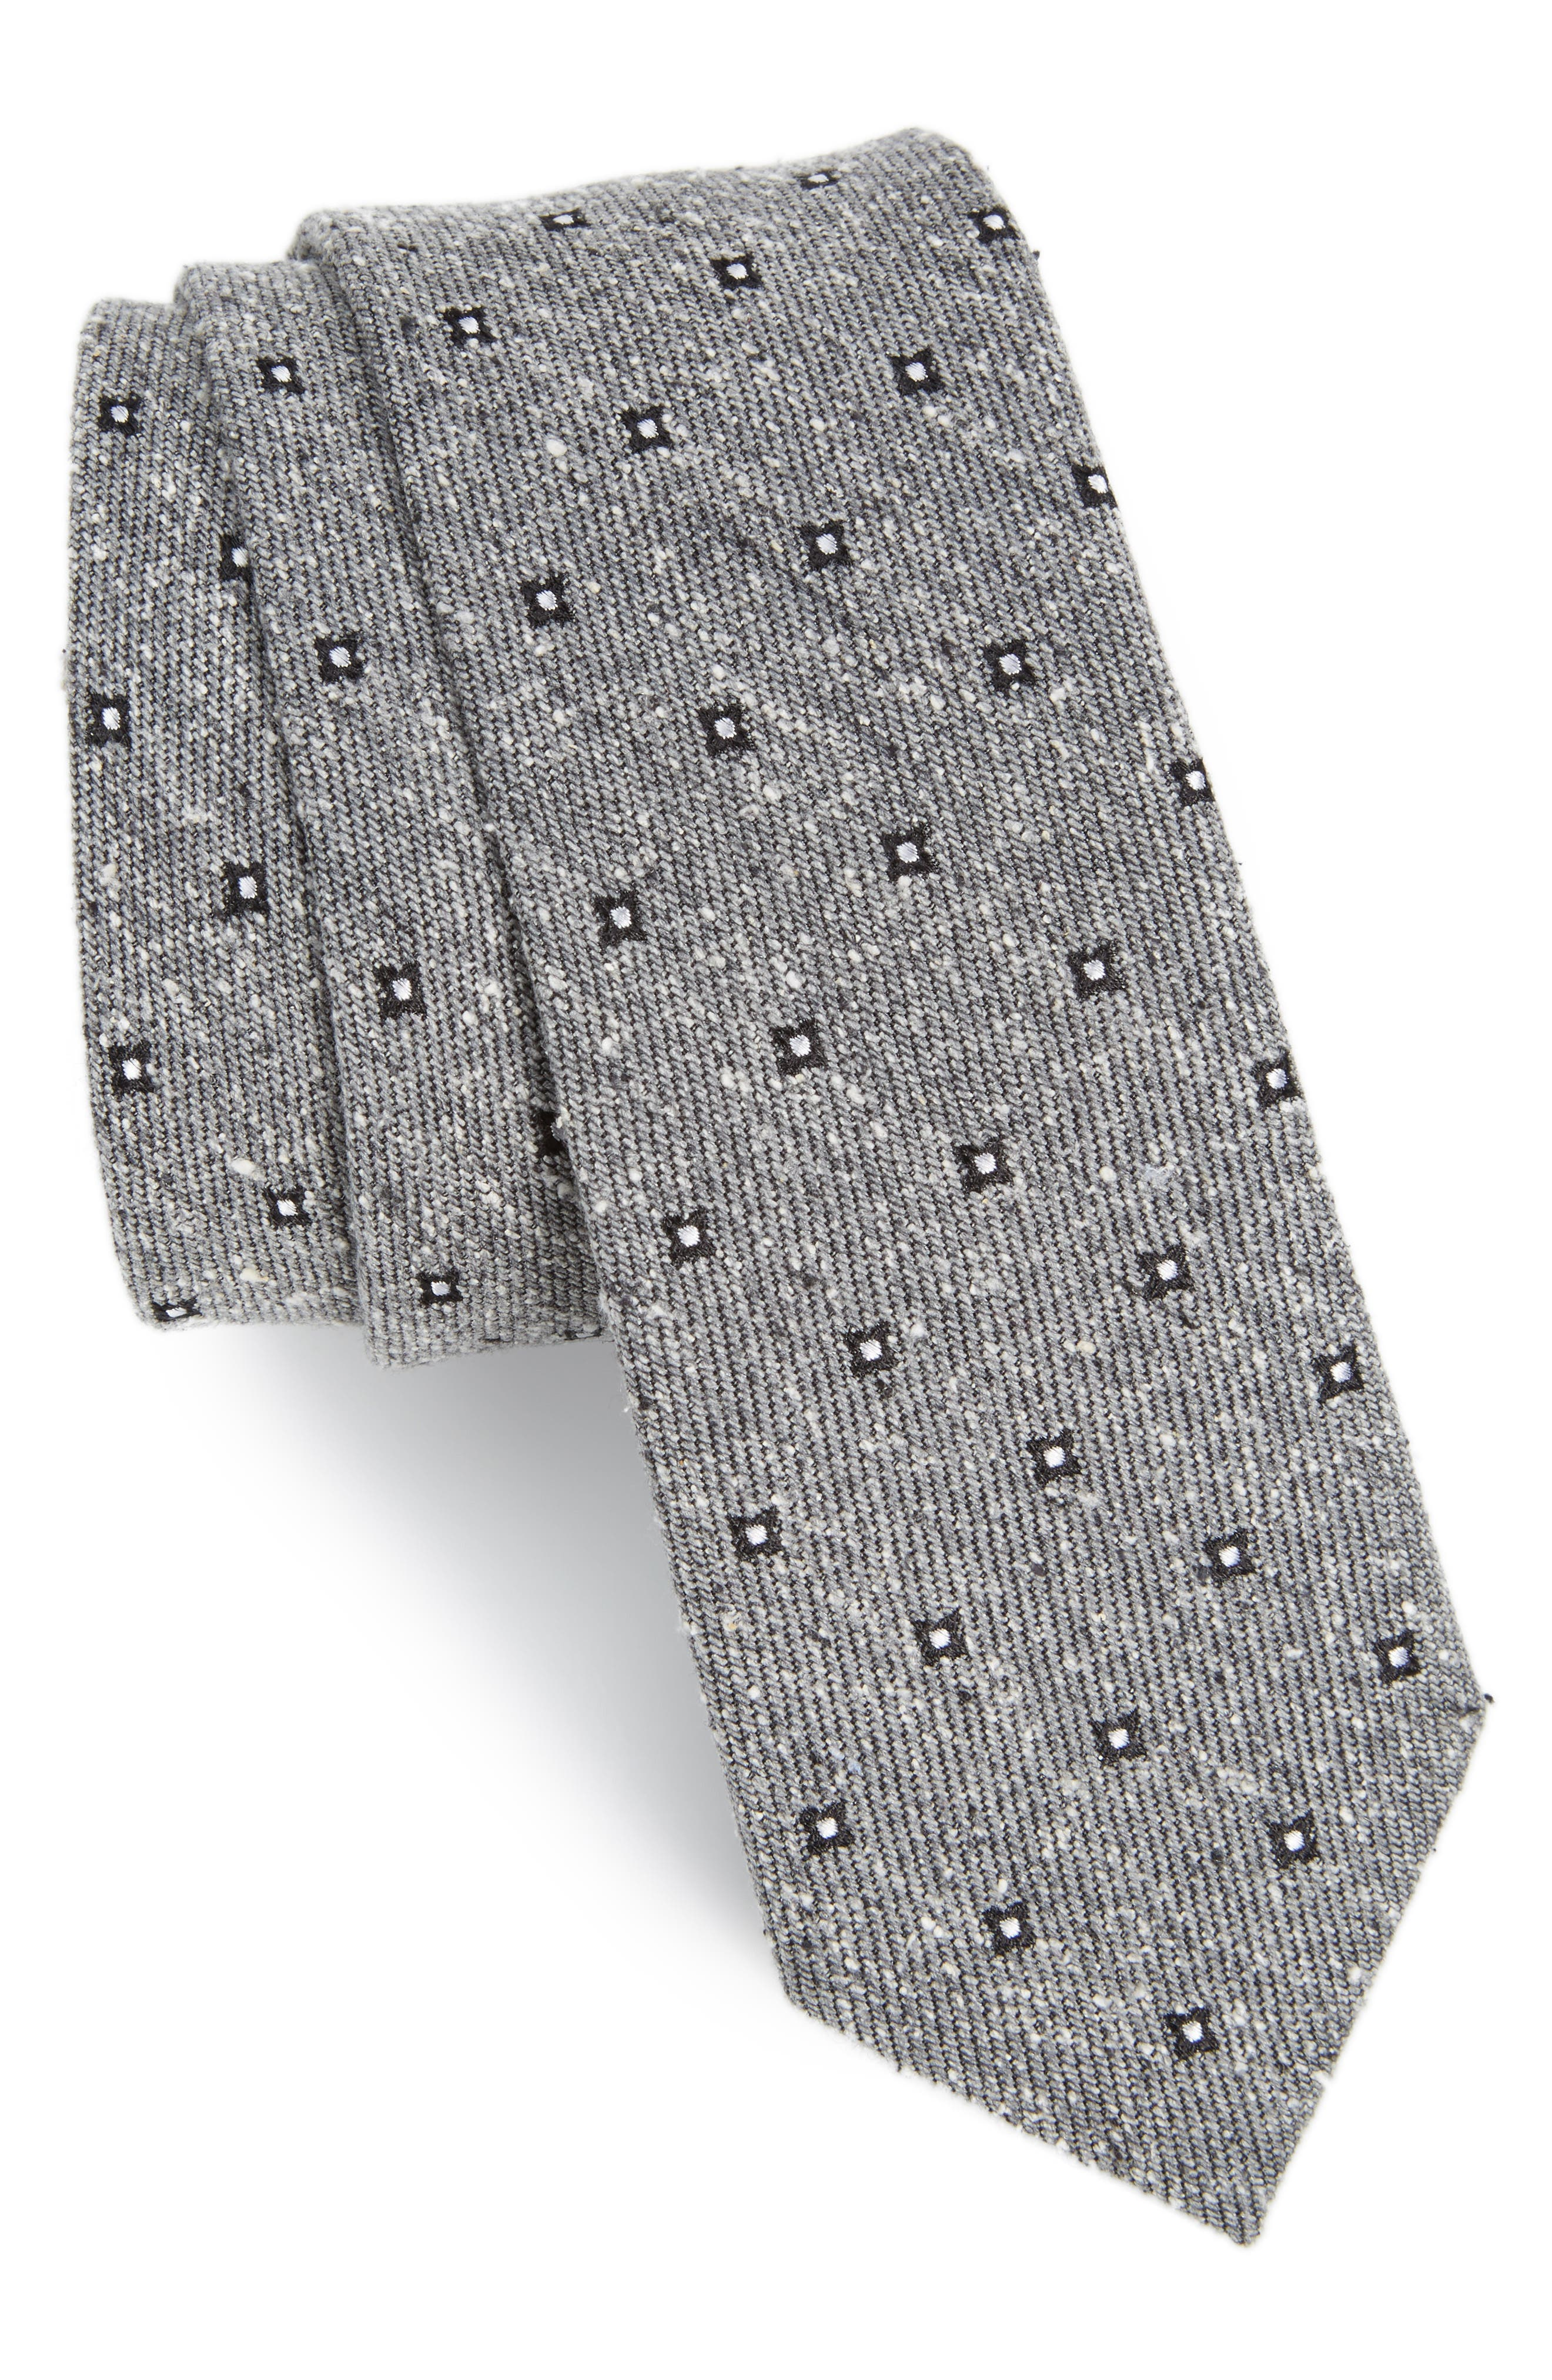 THE TIE BAR Medallion Ridges Silk Tie